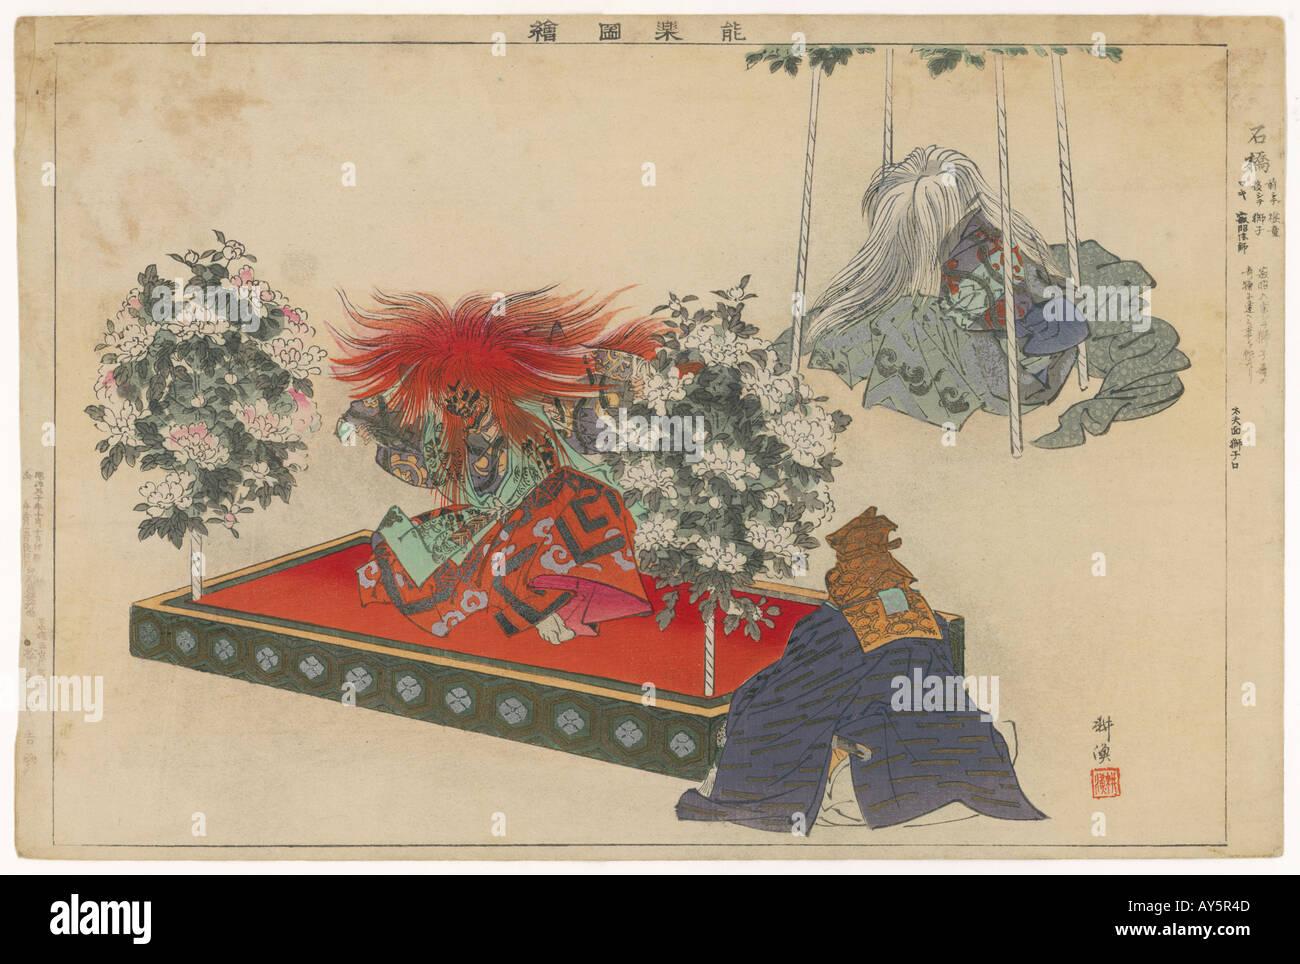 A Kabuki Play Japan C19 - Stock Image